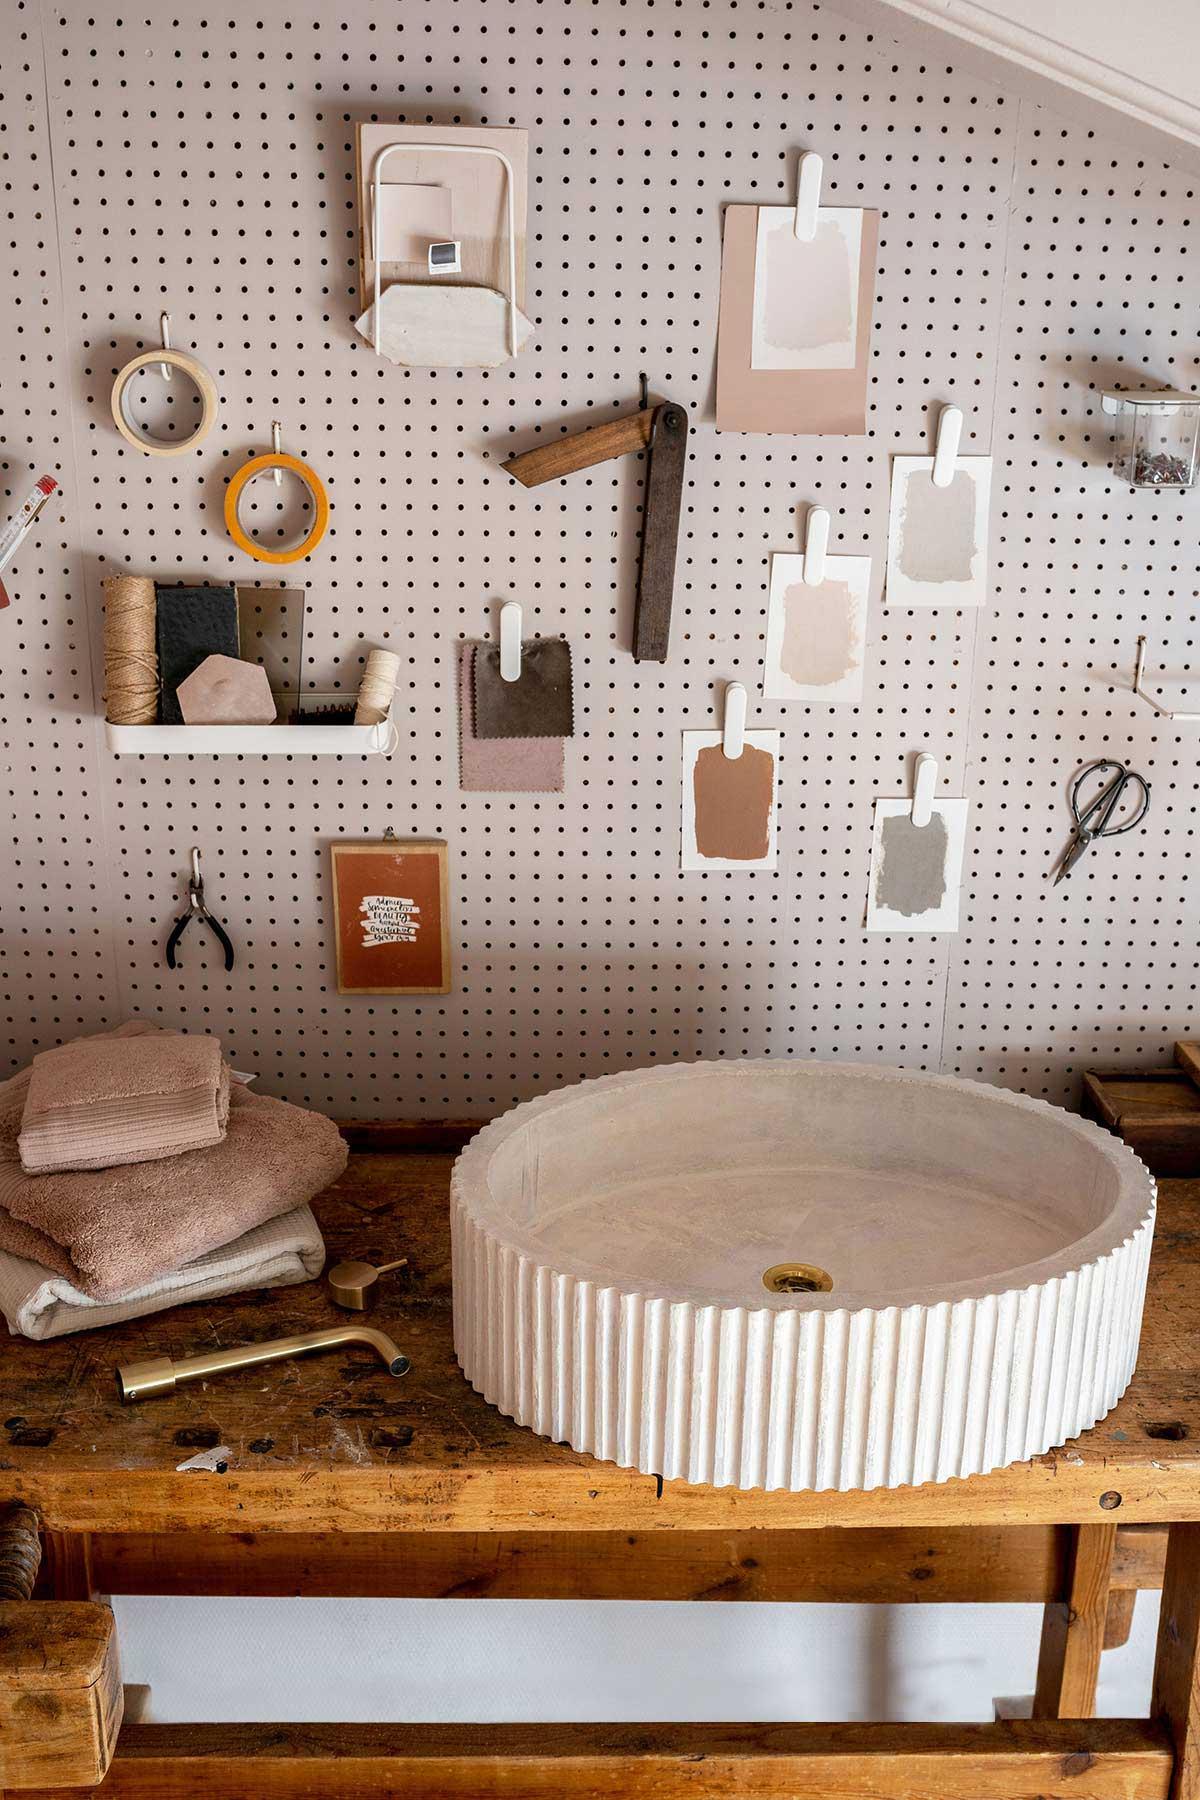 DIY wasbak beton - Tanja van Hoogdalem